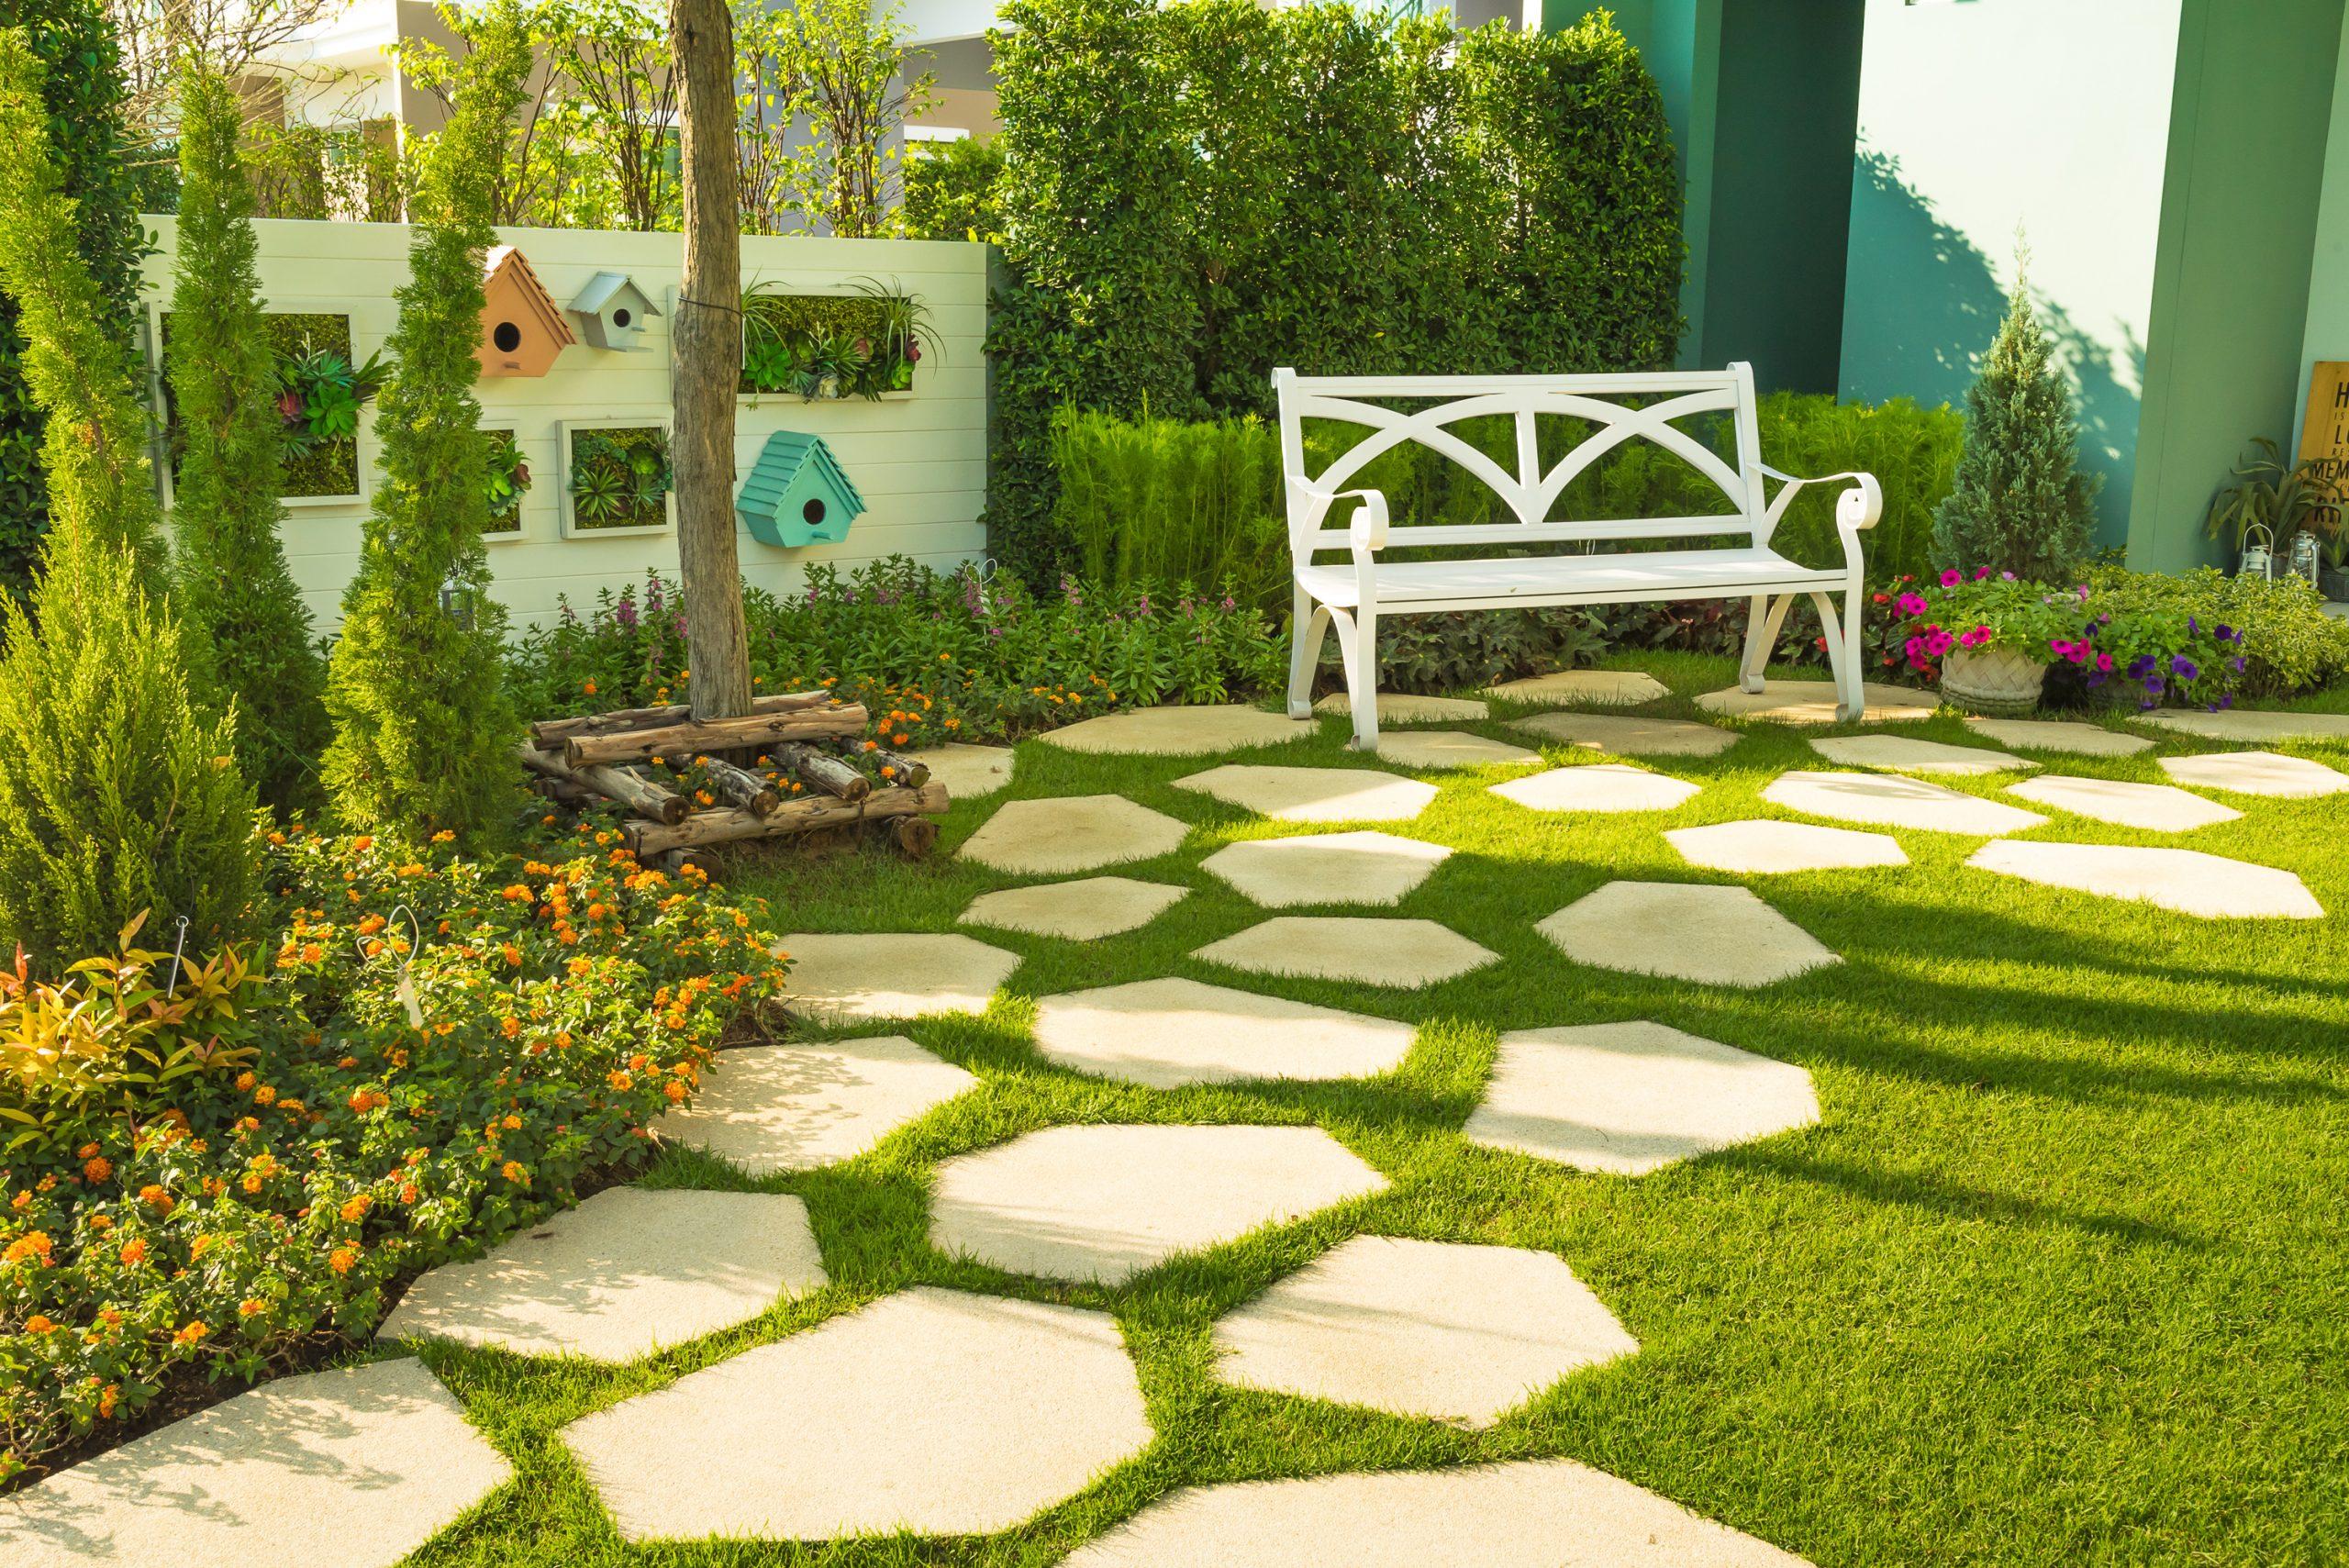 Schöner Garten mit Bank und großen Steinen als Gehweg